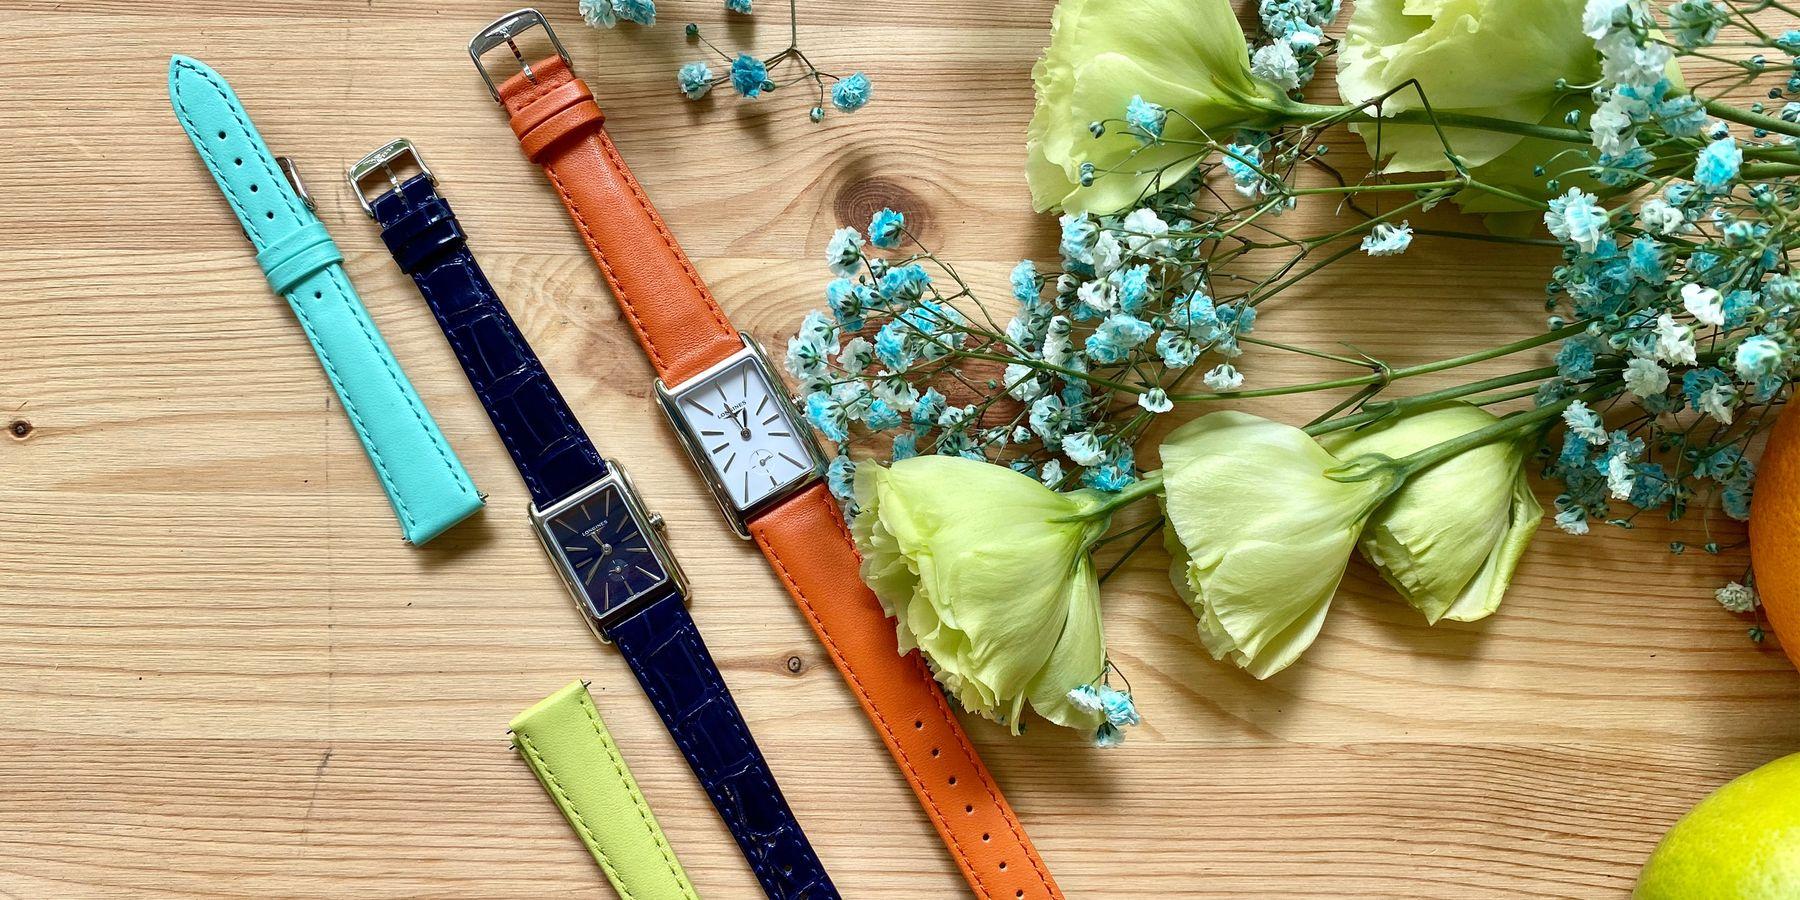 美好生活幾種色彩?浪琴DolceVita全新錶款的繽紛樣貌